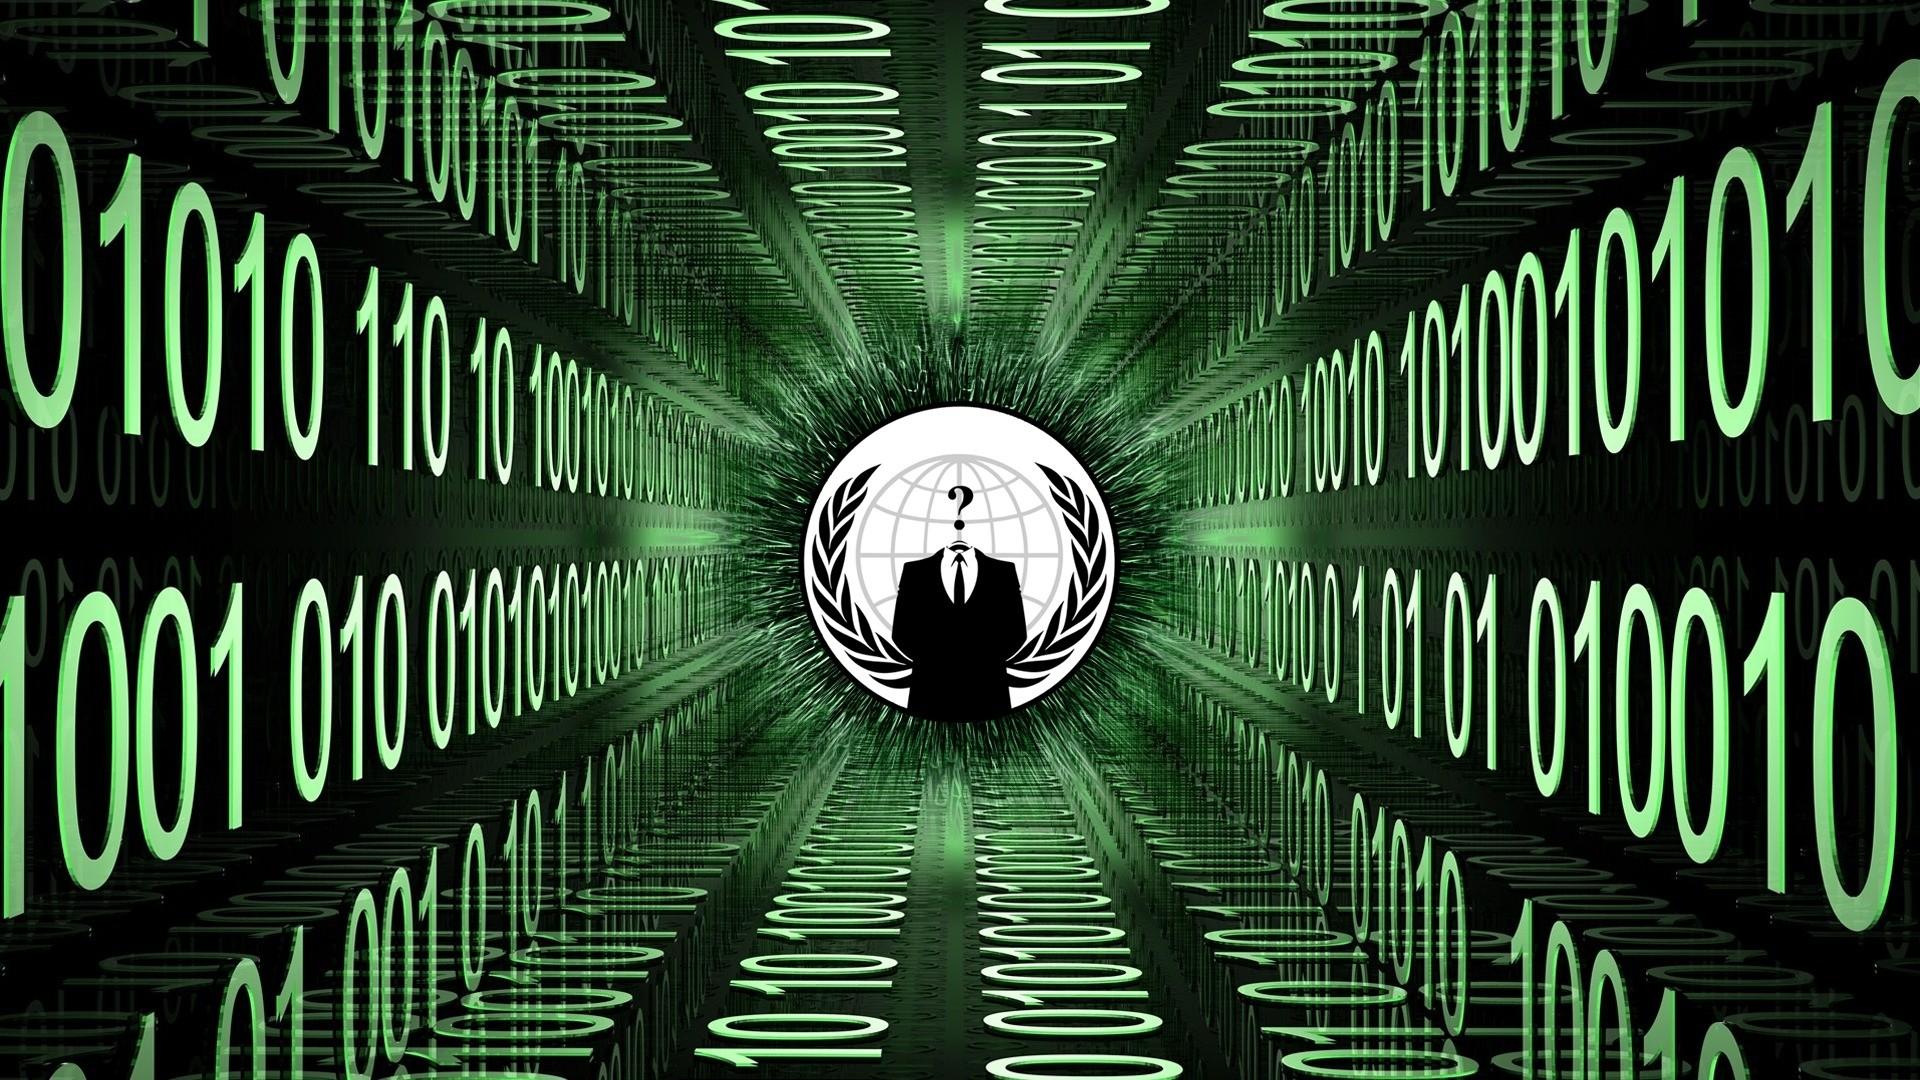 Hacker hd desktop wallpaper